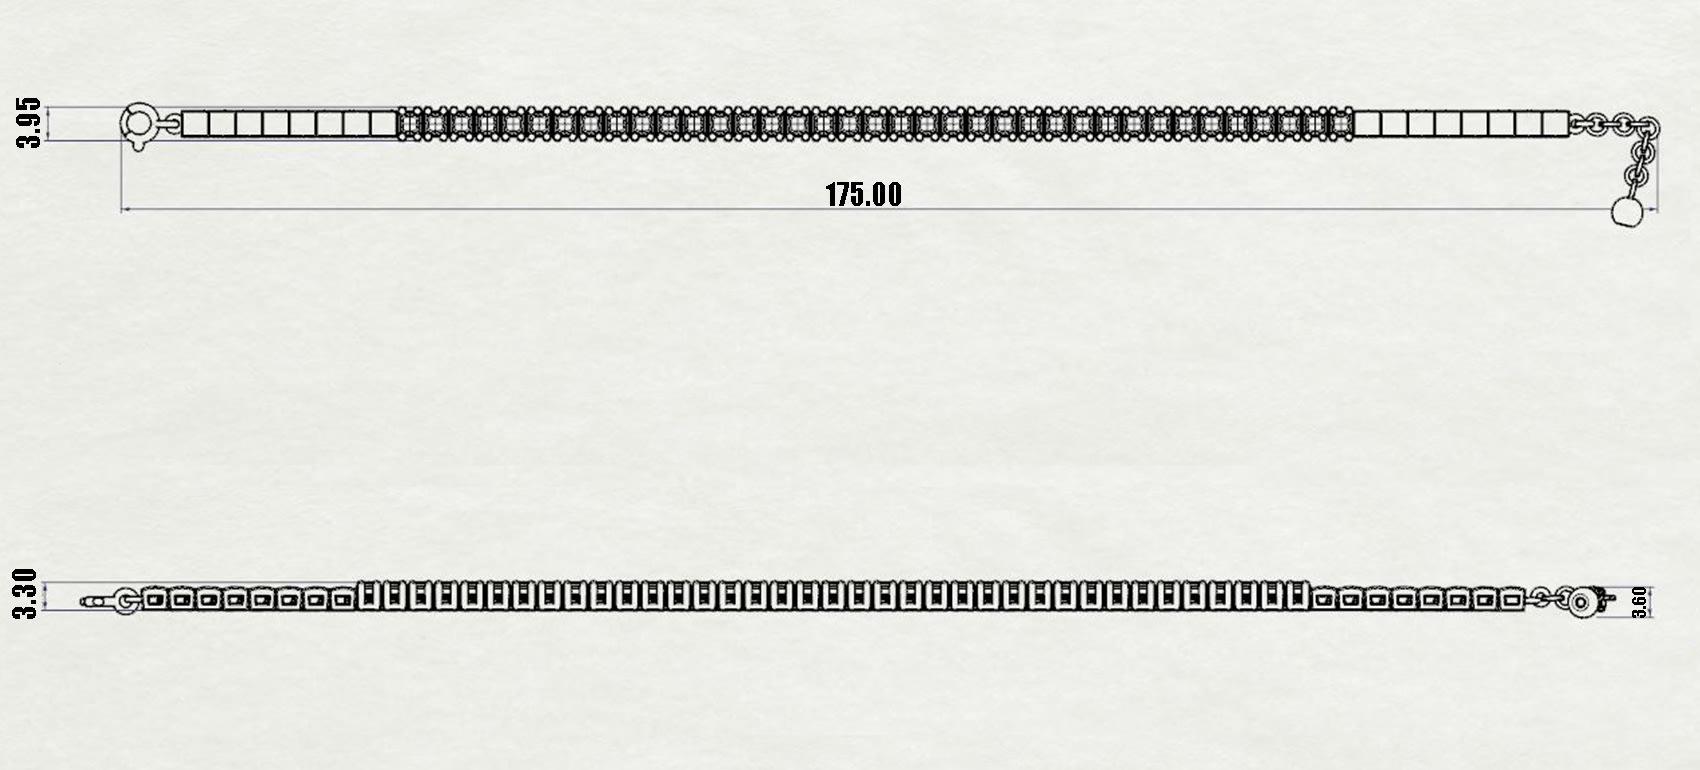 Následne ešte pretypujeme dátumové stĺpce z formátu d/m/y do dátumového formátu rok/mesiac/deň.